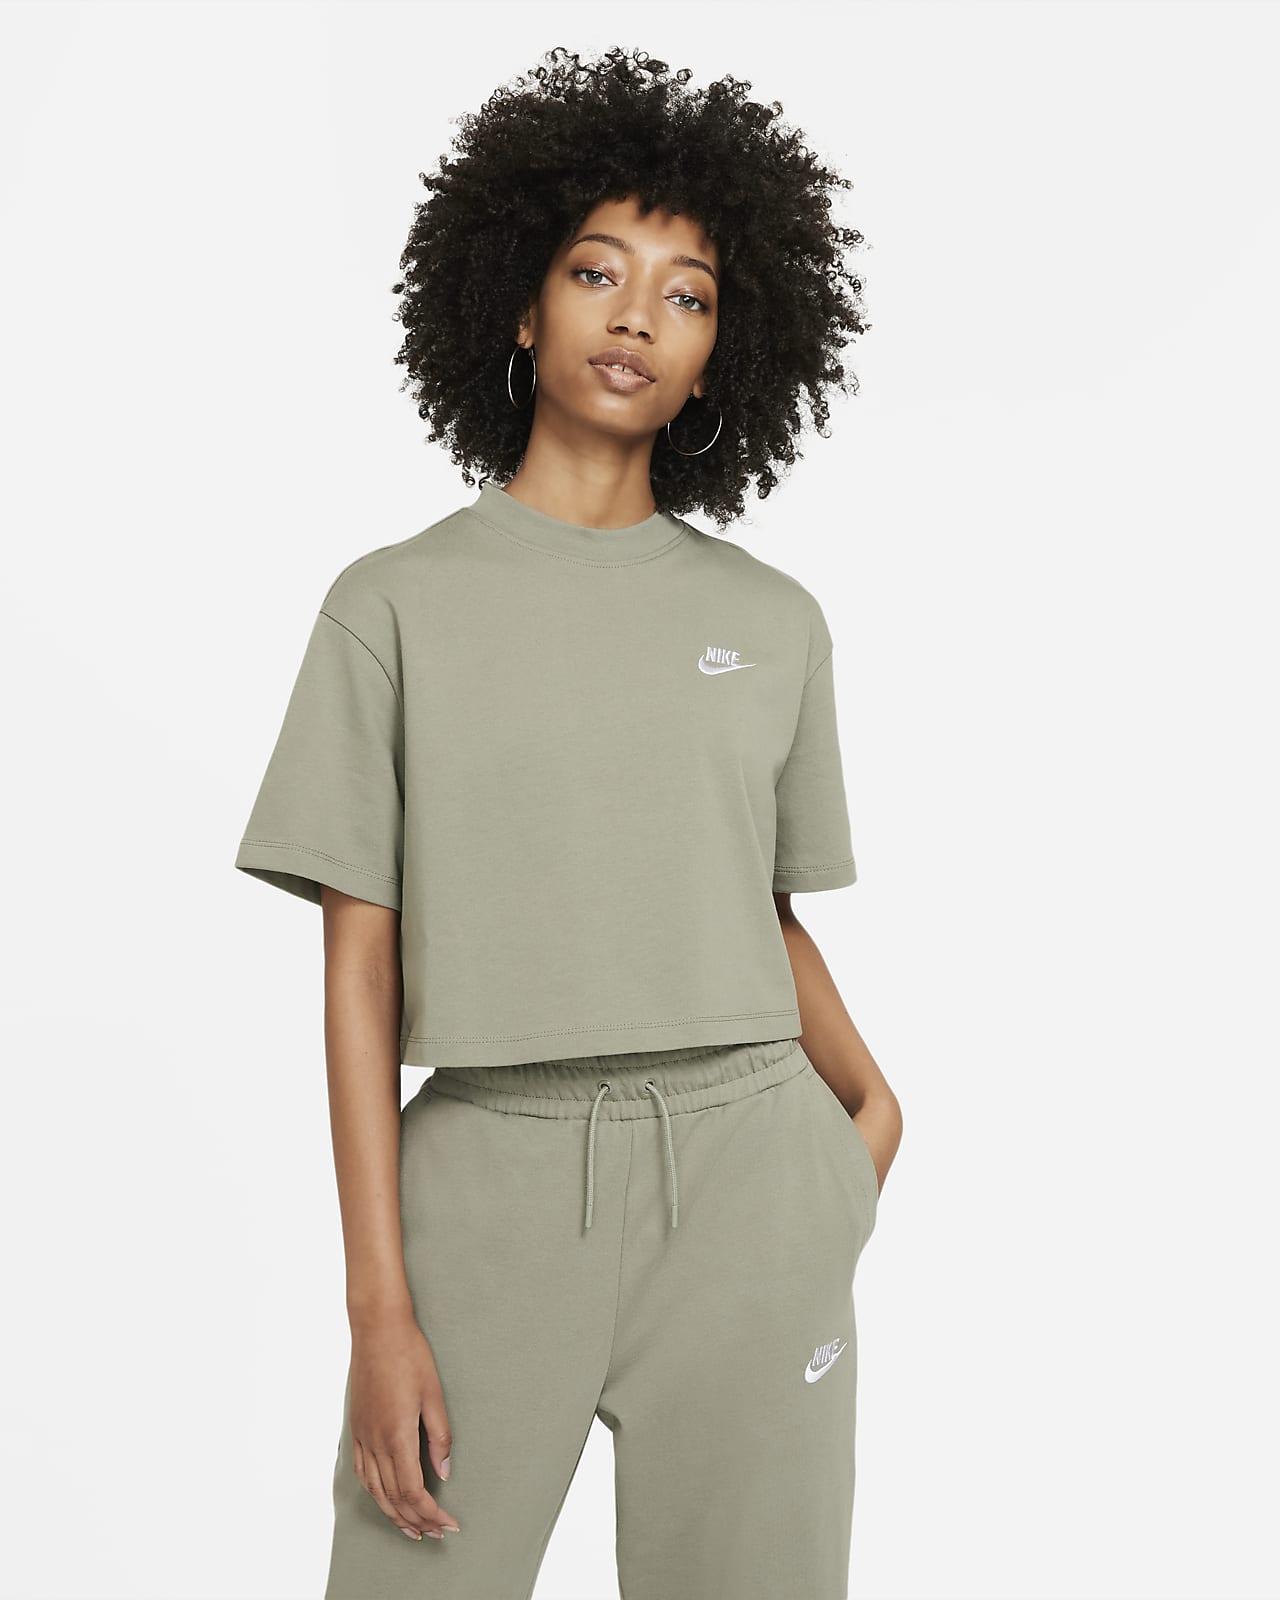 Nike Sportswear Women's Short-Sleeve Jersey Top